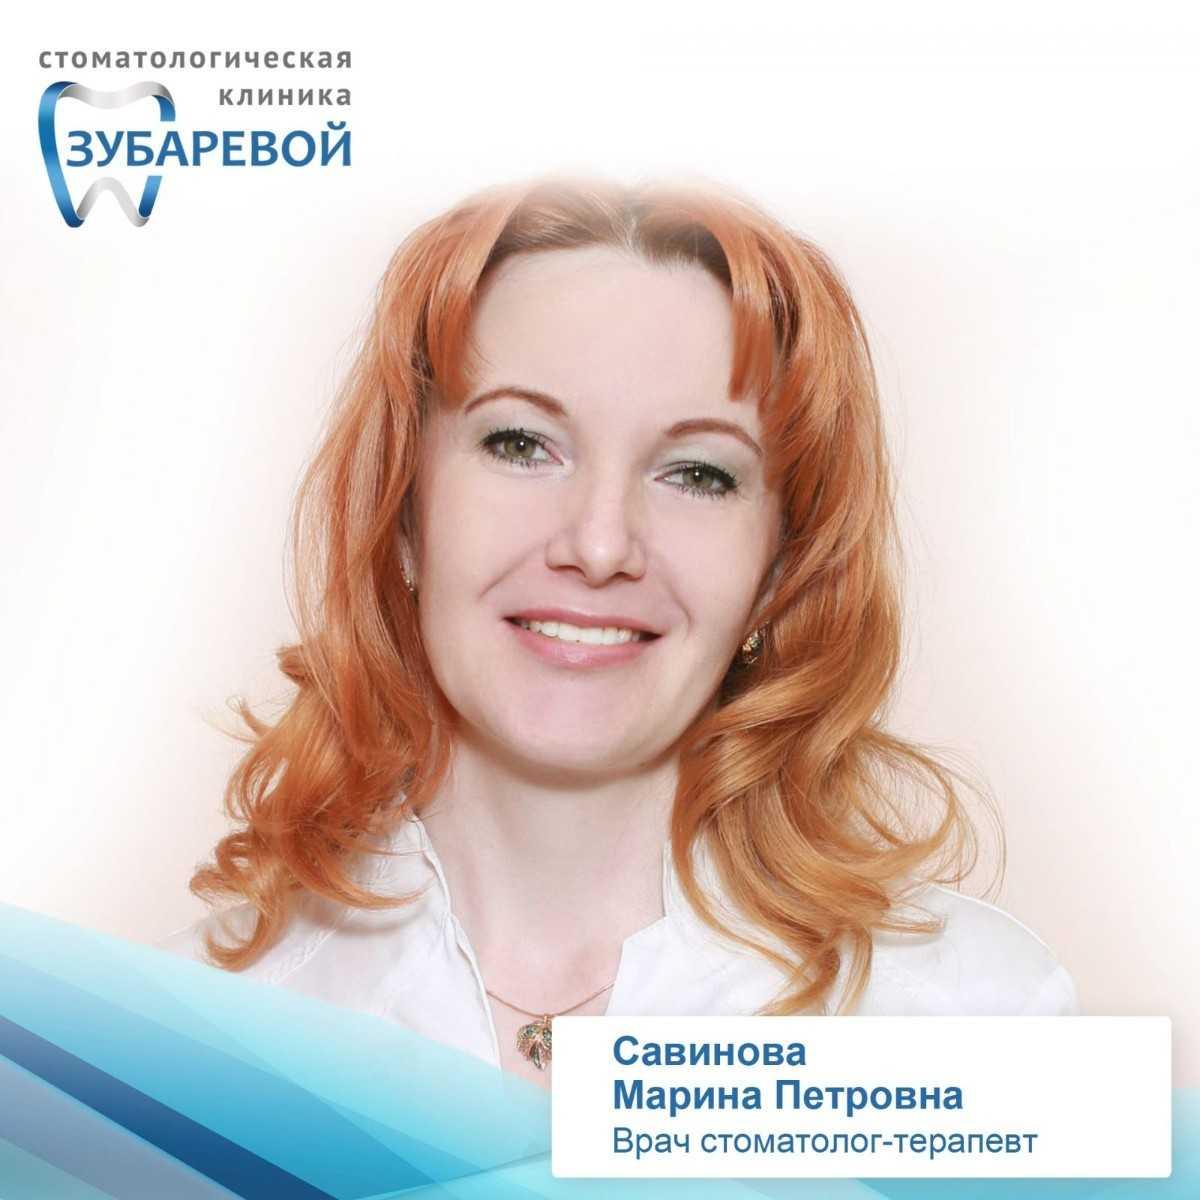 Савинова Марина Петровна - фотография